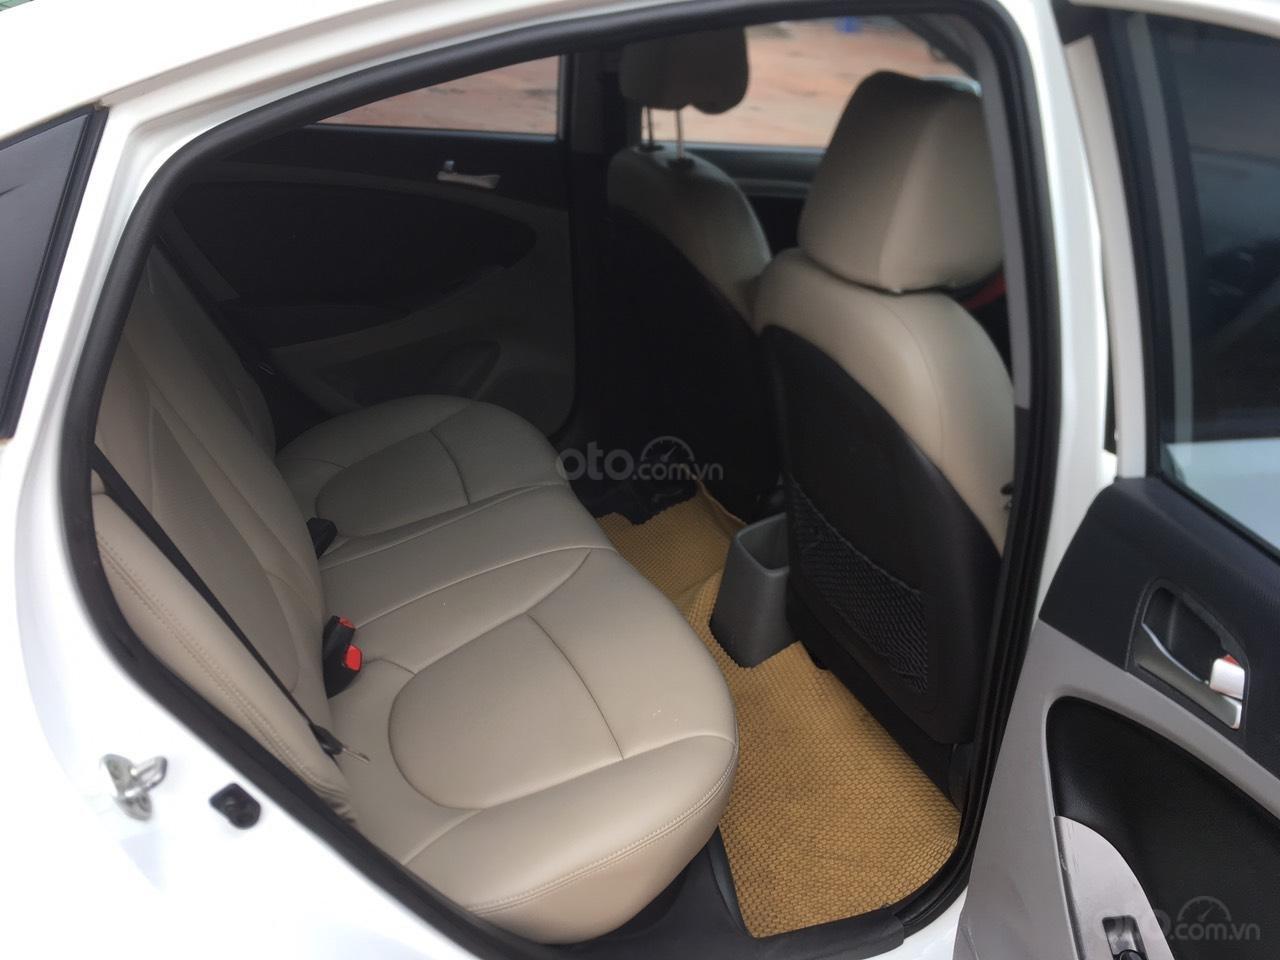 Bán xe Hyundai Accent 2015, màu trắng, nhập khẩu nguyên chiếc (3)